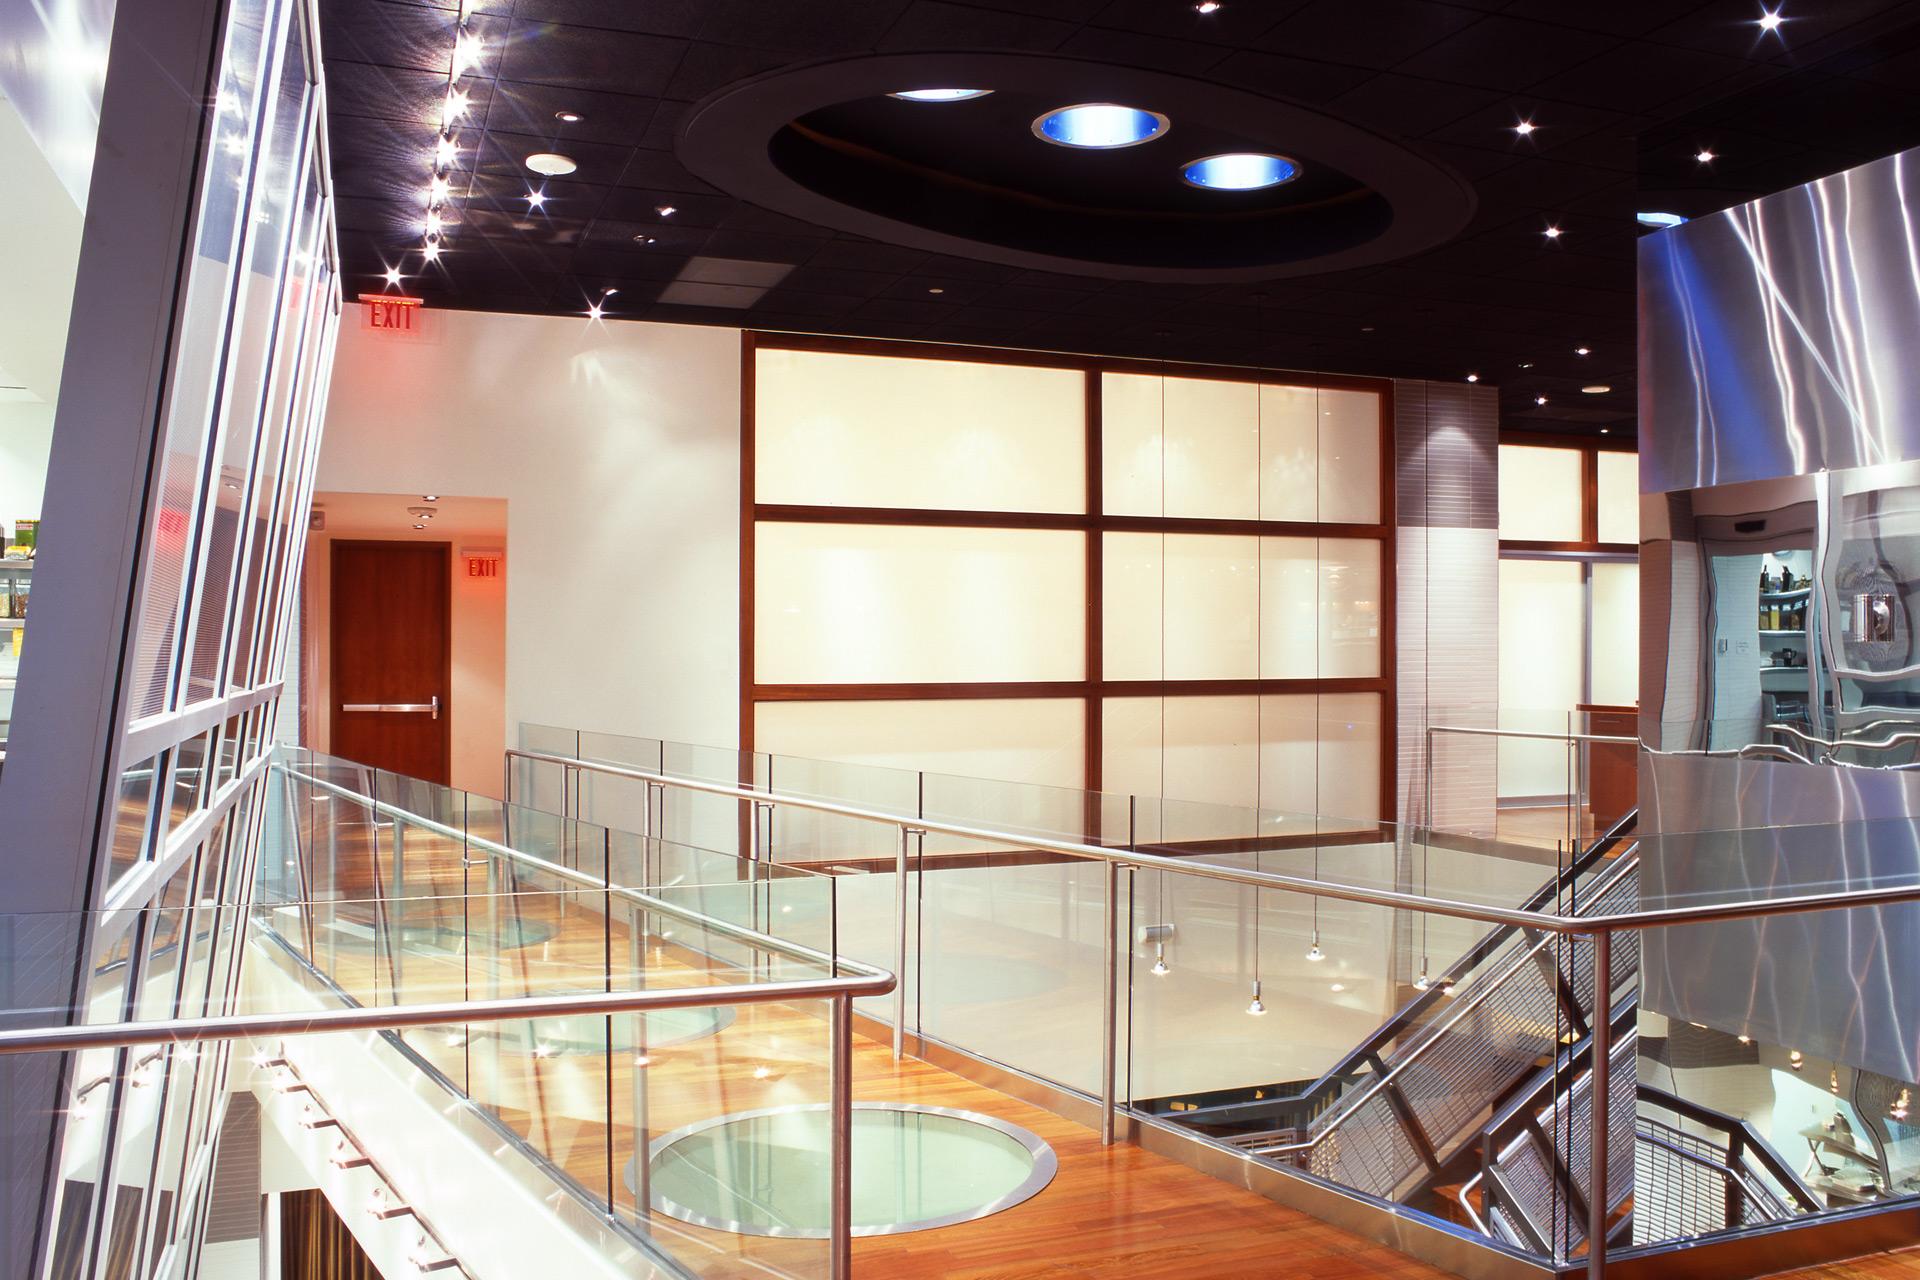 RM Seafood restaurant interiors designer